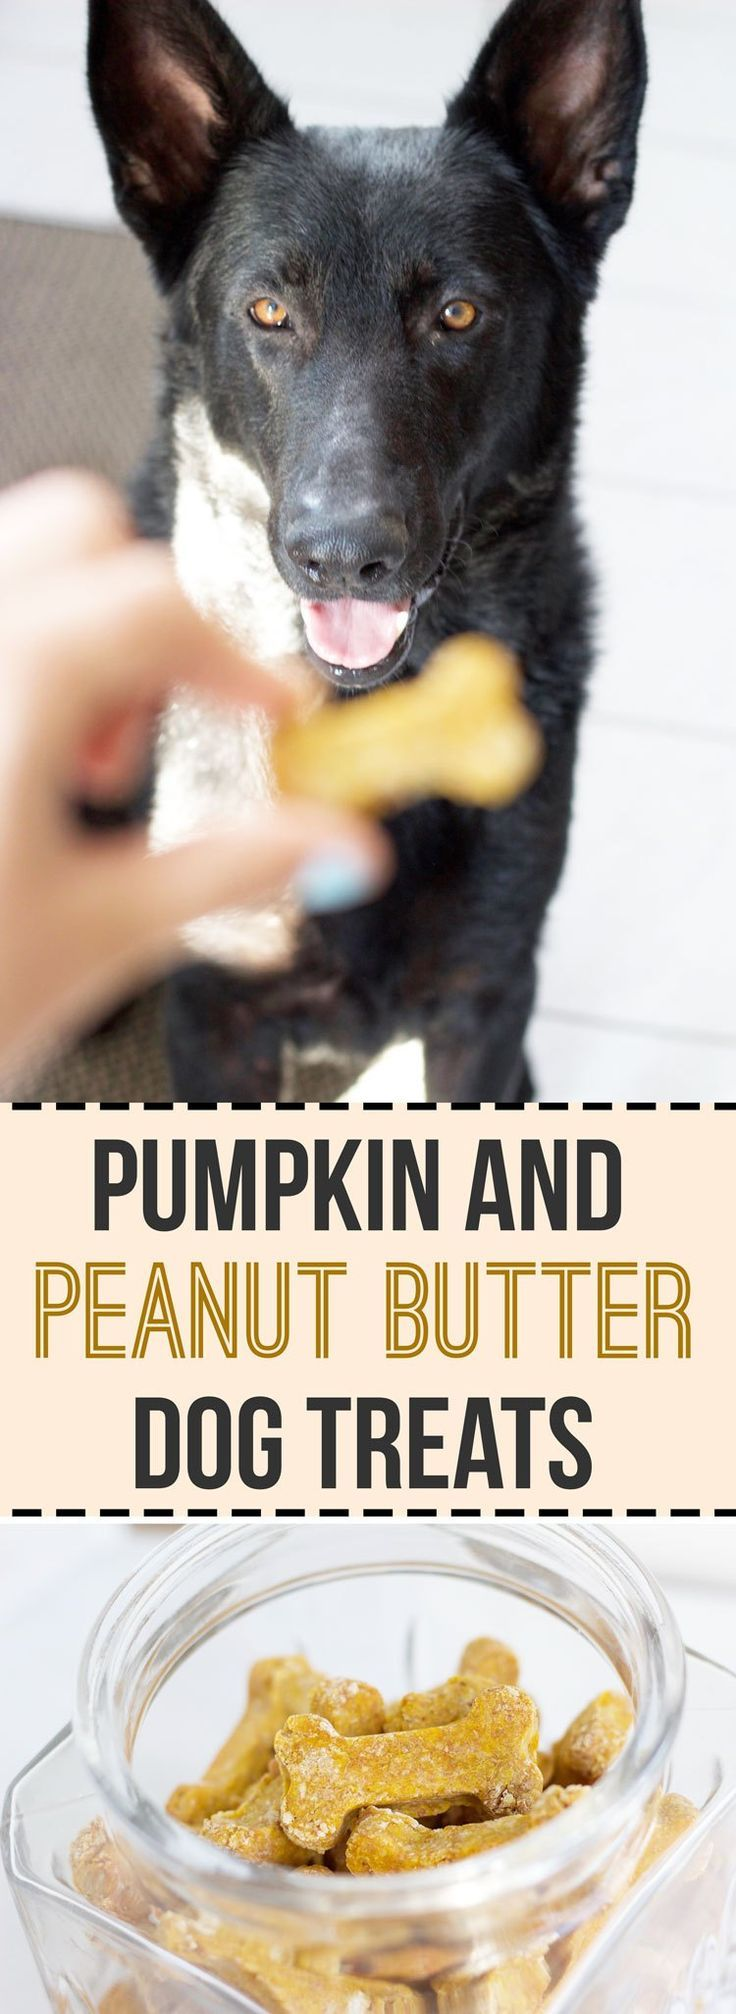 will pumpkin settle a dog's stomach